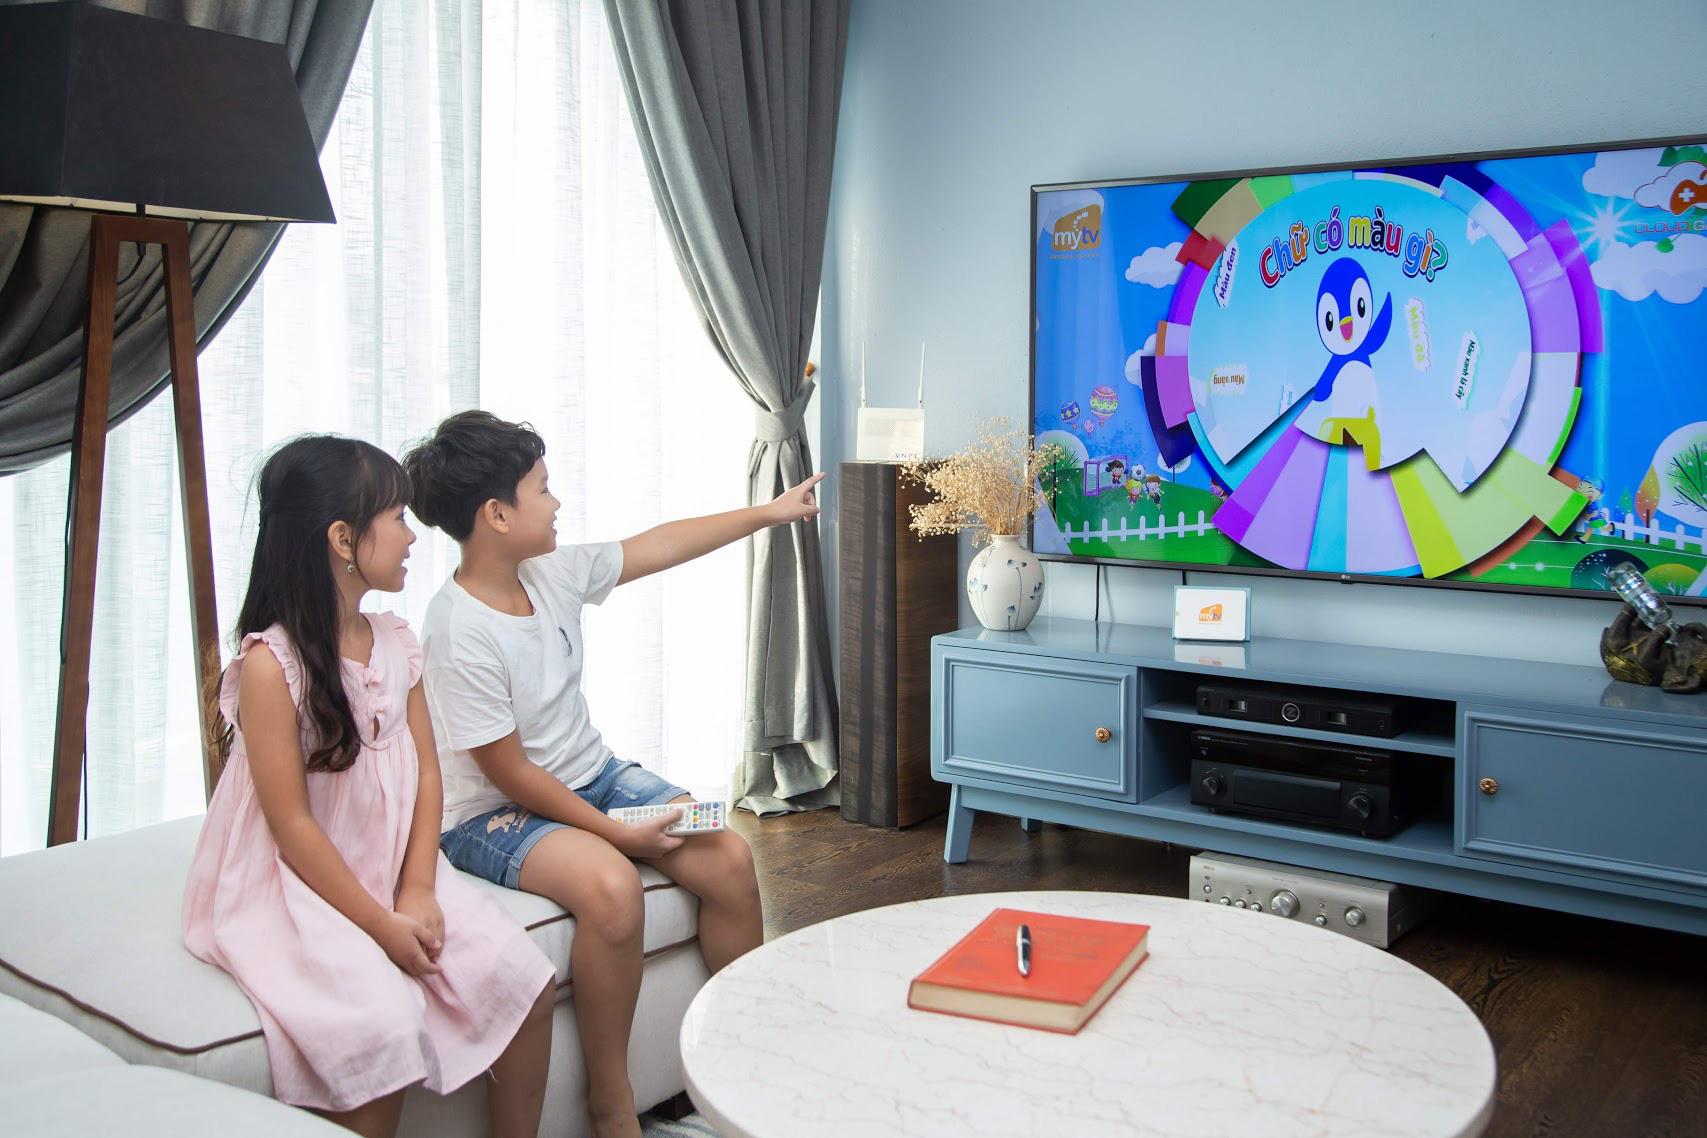 Giãn cách xã hội, người Việt khám phá niềm vui trong những hoạt động giải trí tại gia cùng truyền hình MyTV - Ảnh 1.